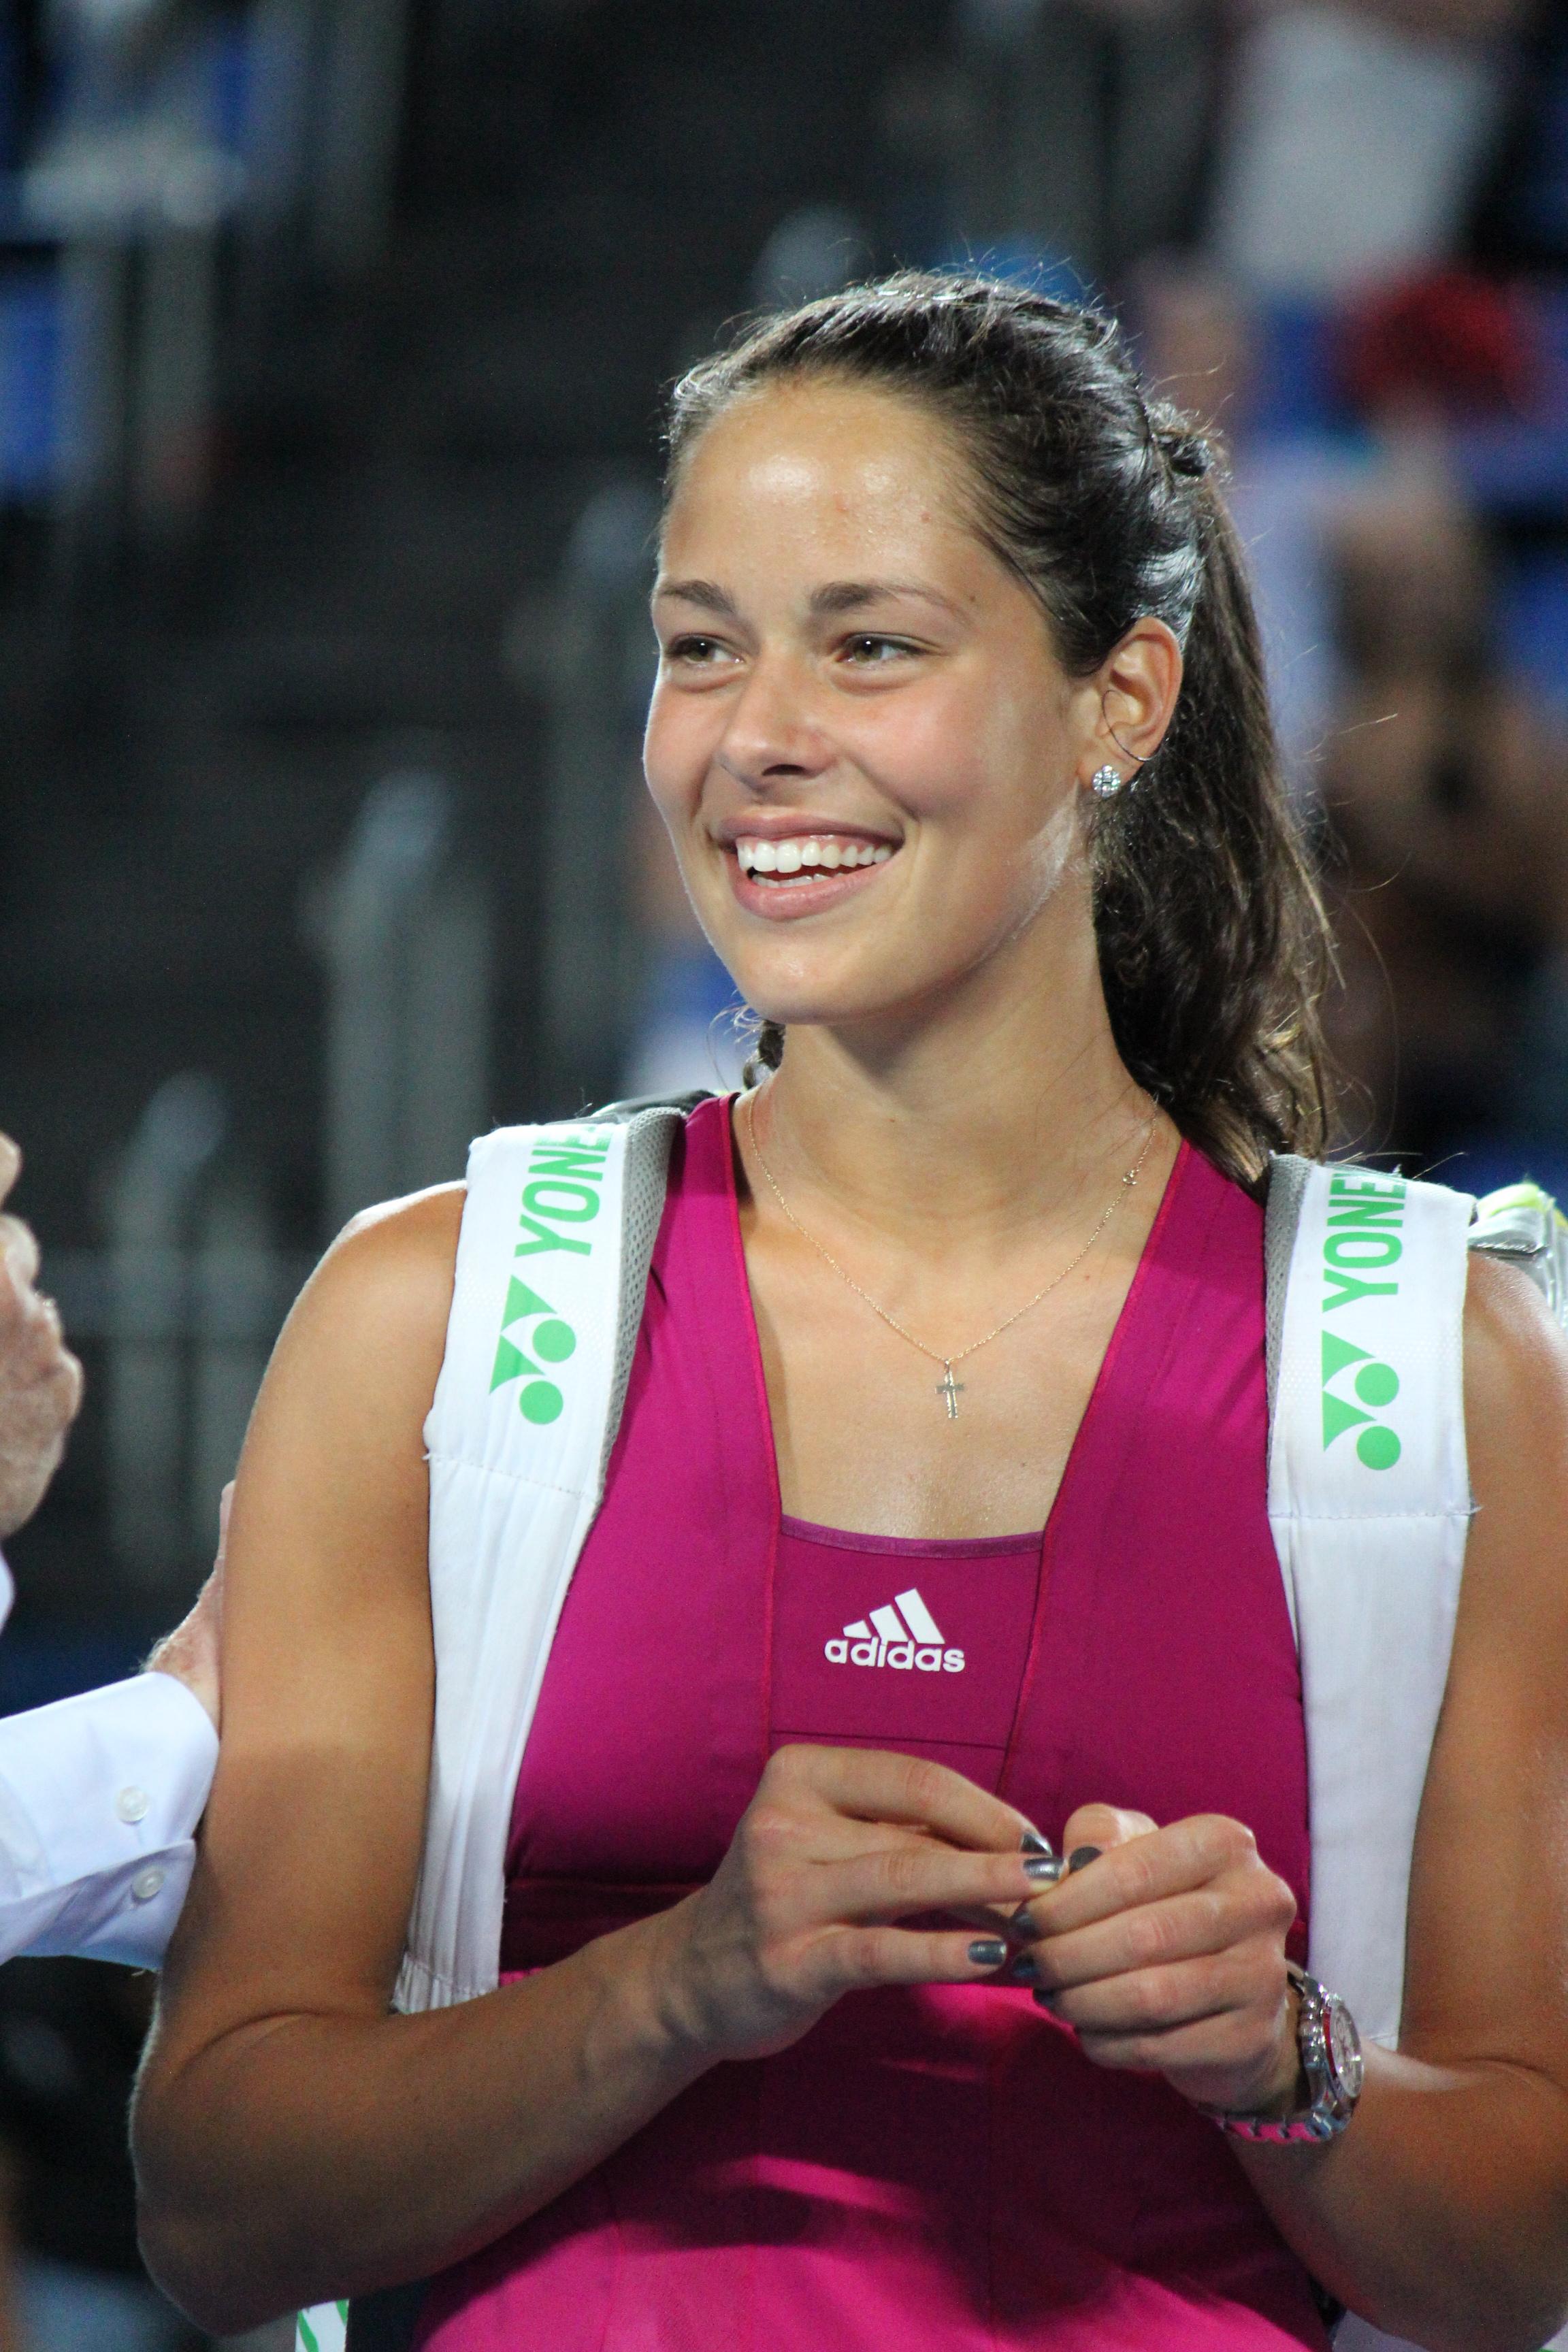 Resultado de imagen para Ana Ivanovic